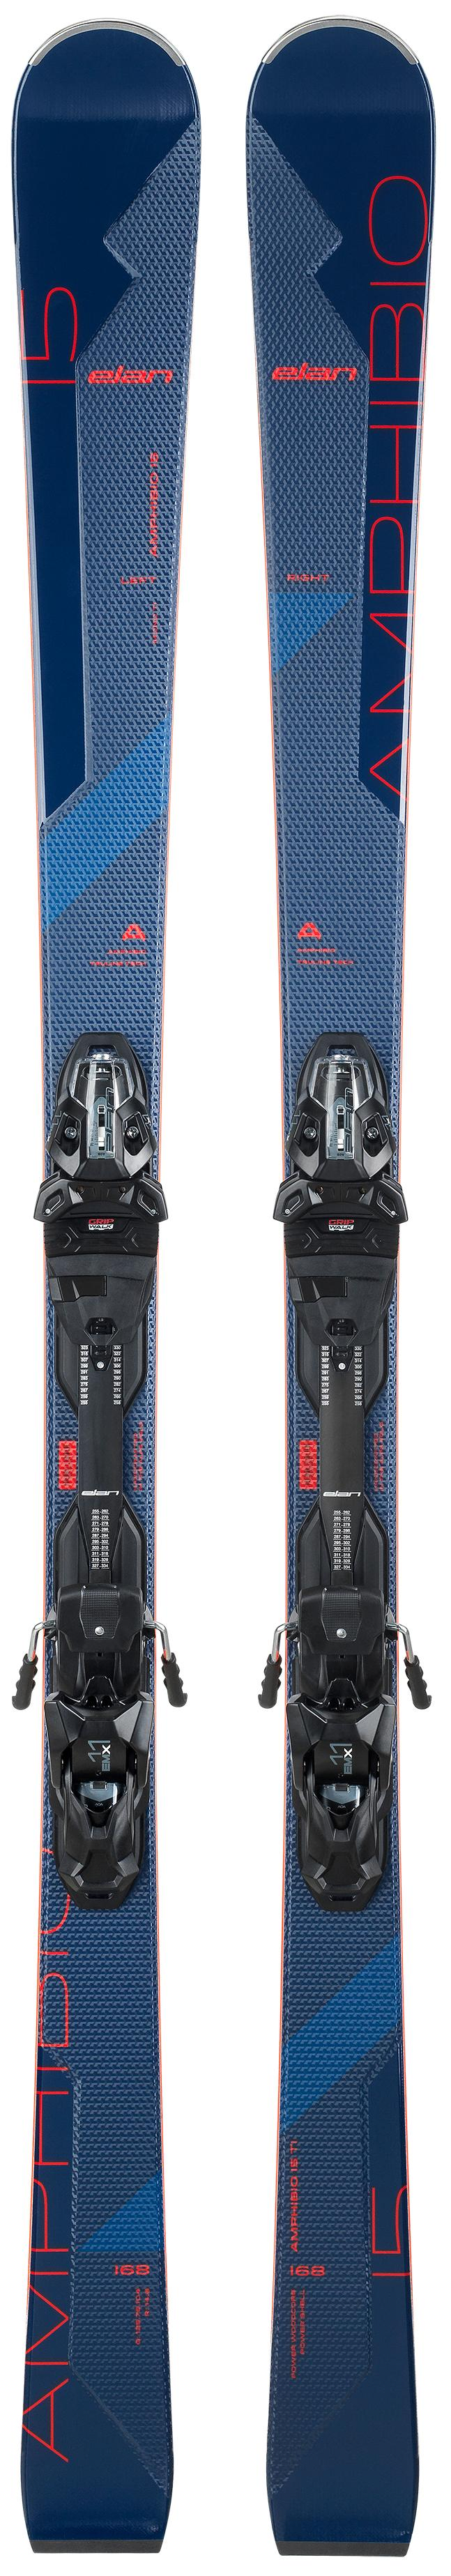 Горные лыжи Elan Amphibio 15 Ti Fx + Emx 11.0 2021, blue, 160 см, Amphibio 15 Ti Fx + Emx 11.0